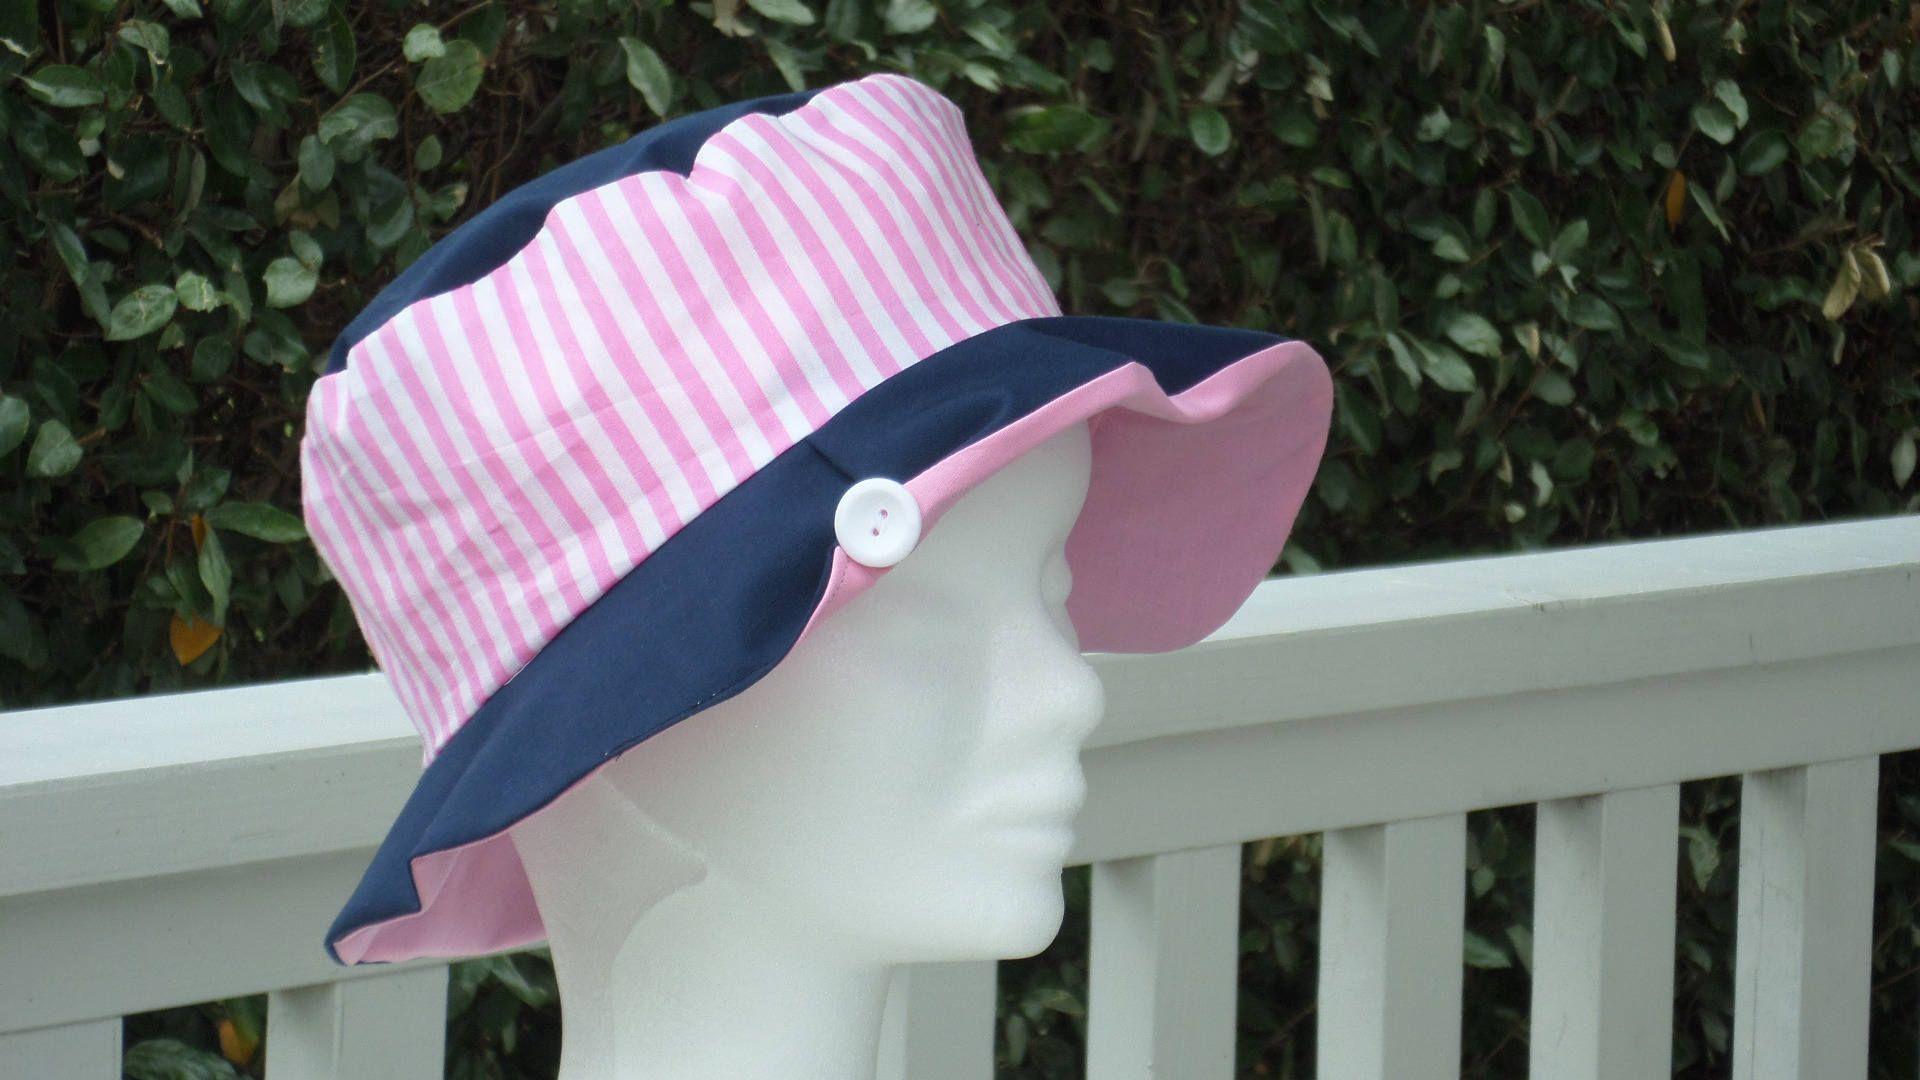 b4f69150c26a chapeau de soleil enfant femme rose et bleu marine créateur lin eva de la  boutique LinevaCreations sur Etsy